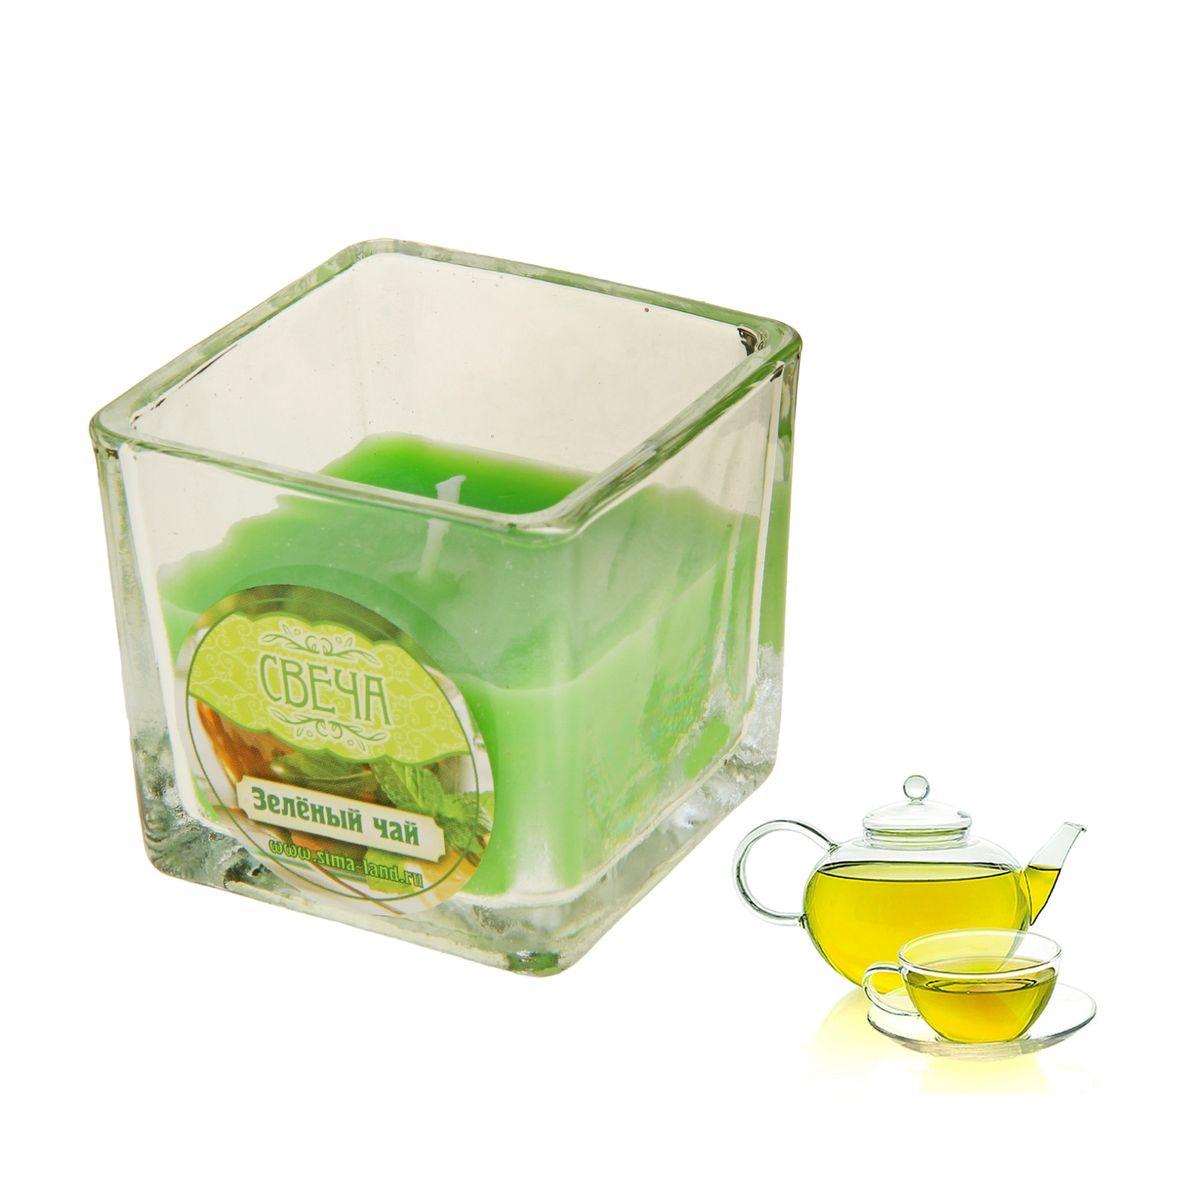 Свеча ароматизированная Sima-land Зеленый чай, высота 5 см свеча ароматизированная sima land лимон на подставке высота 6 см